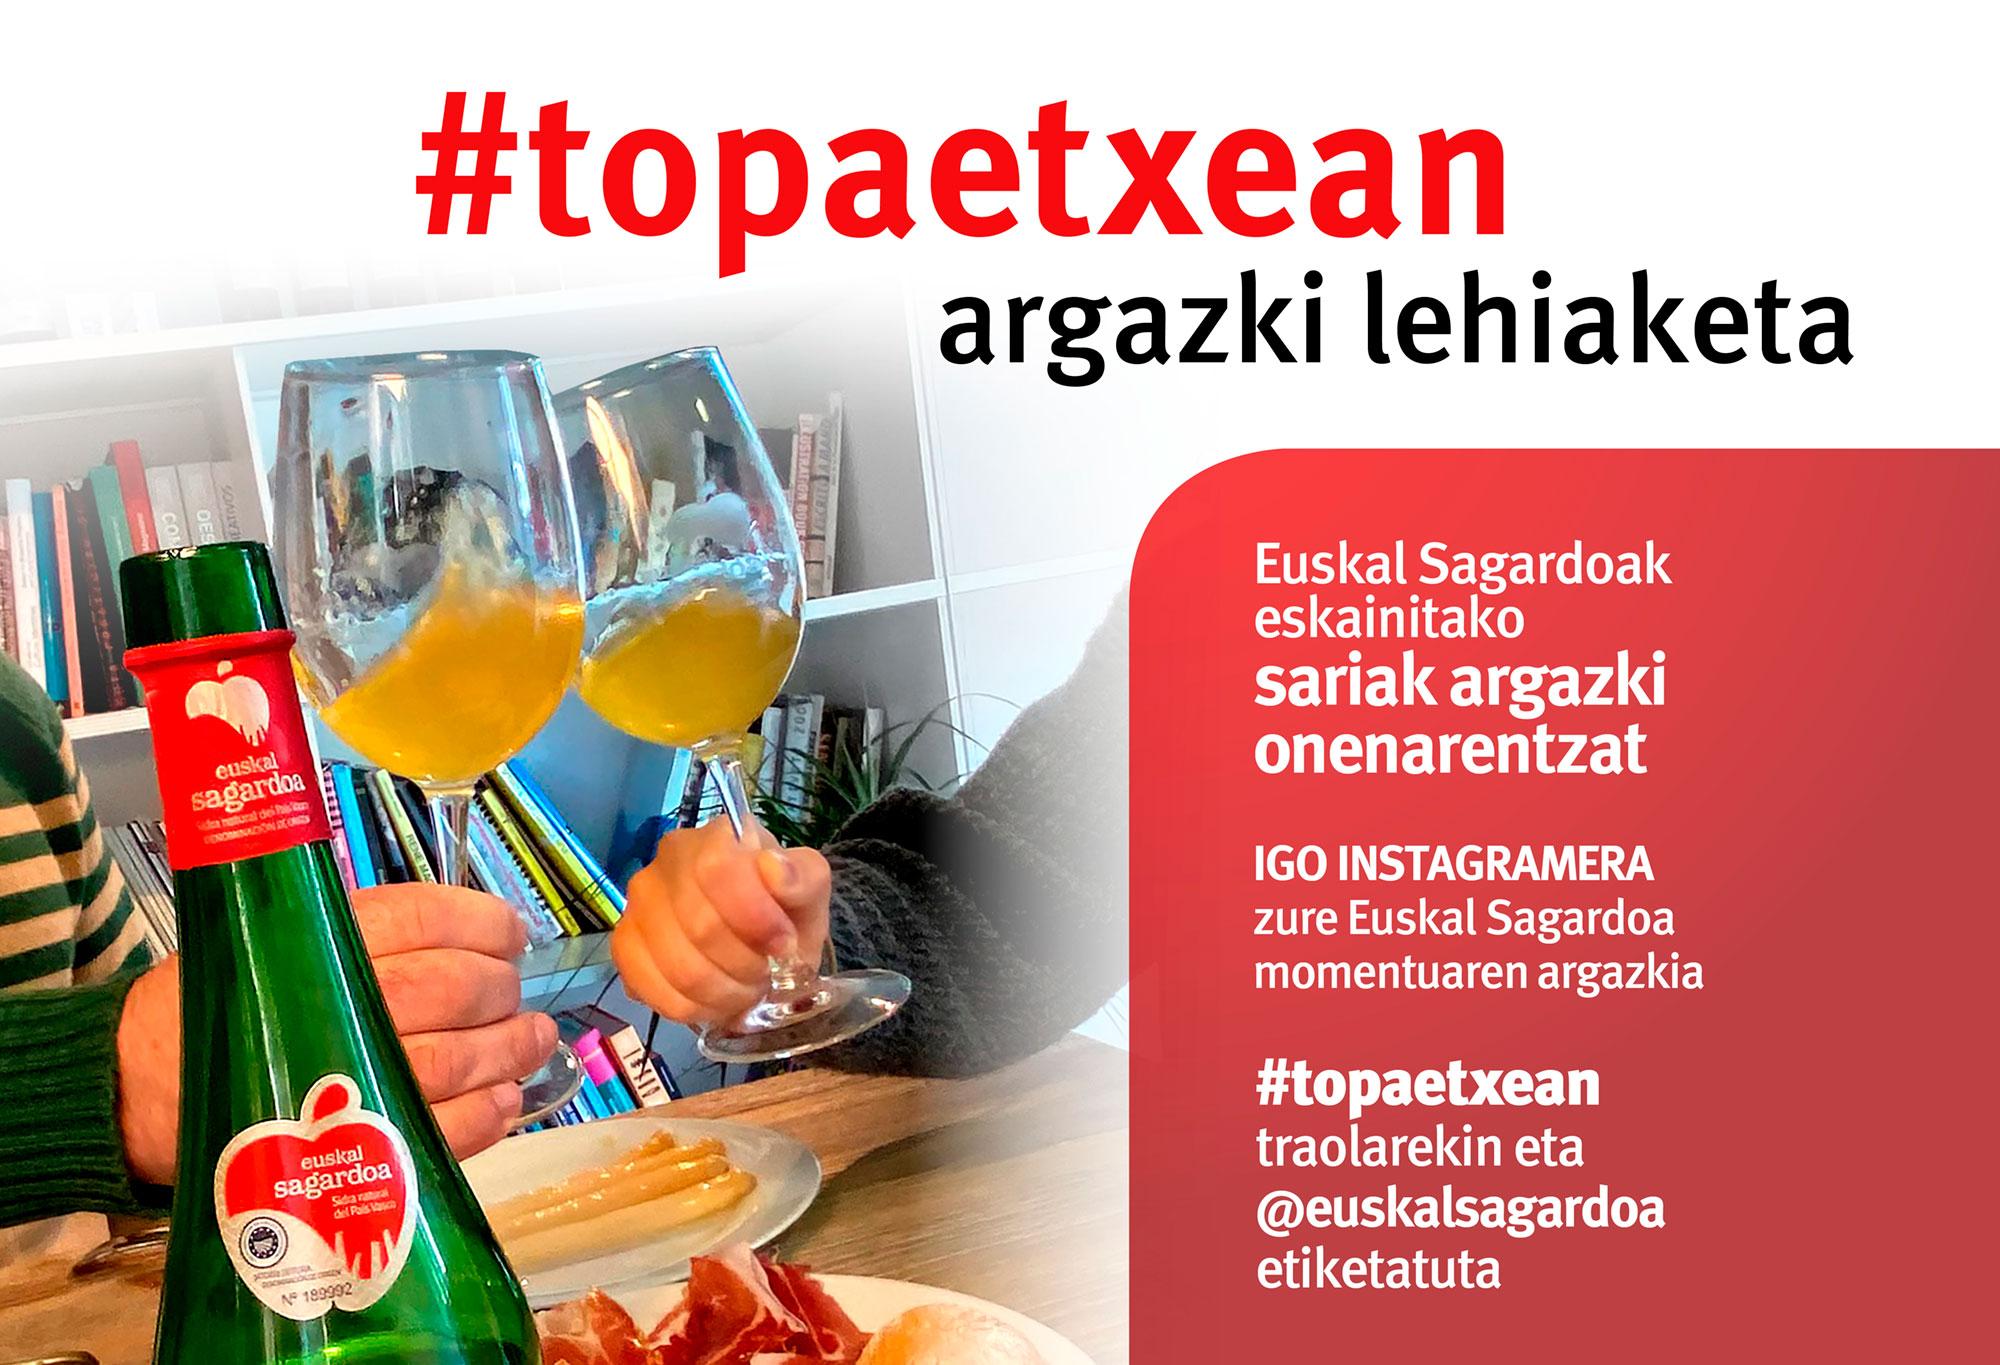 #TOPAETXEAN ARGAZKI LEHIAKETA